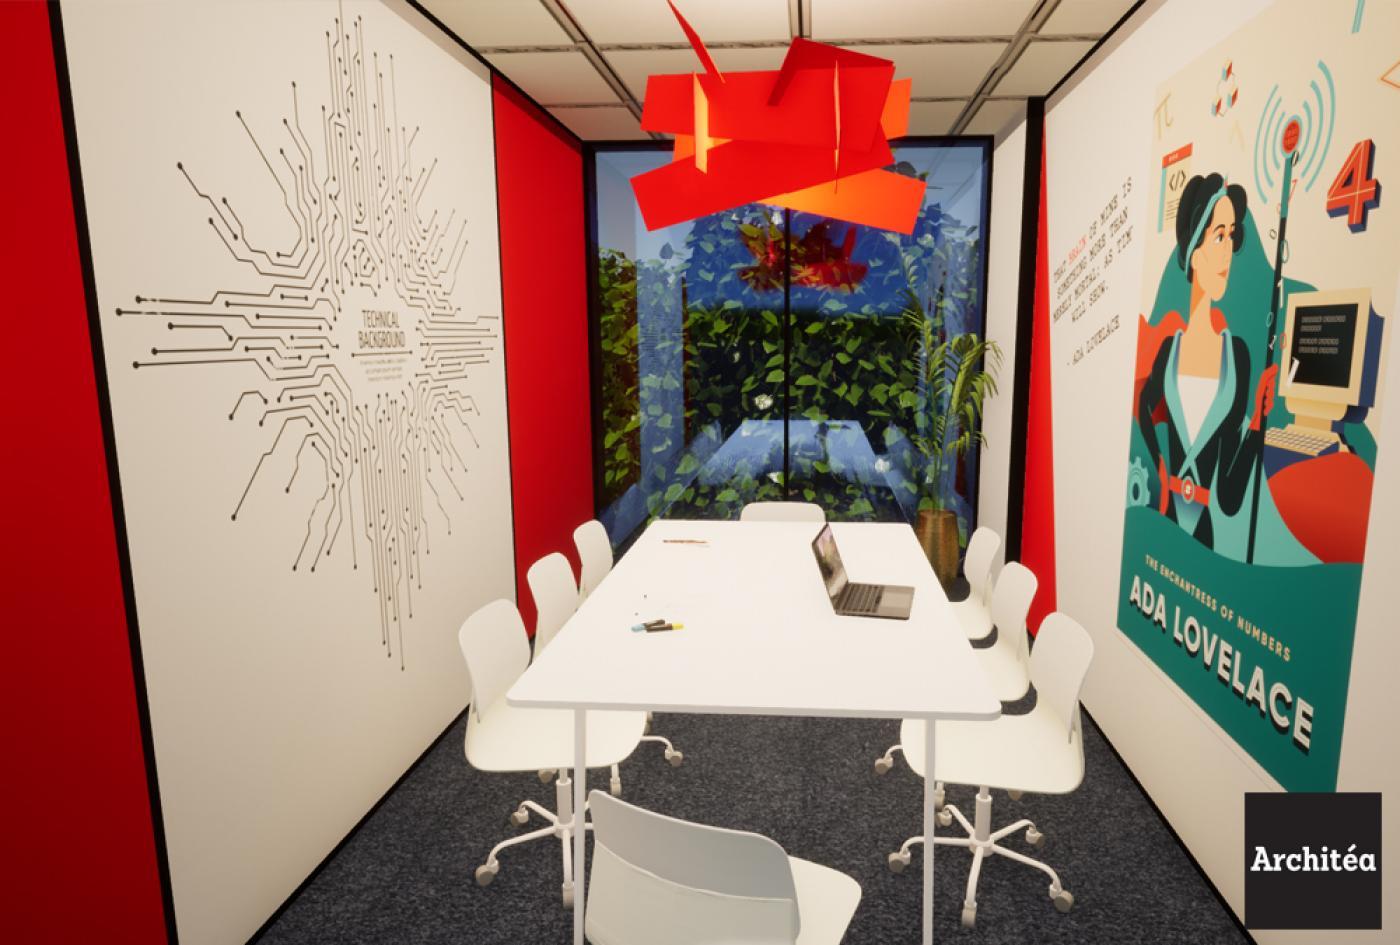 Aménagement intérieur salle de réunion